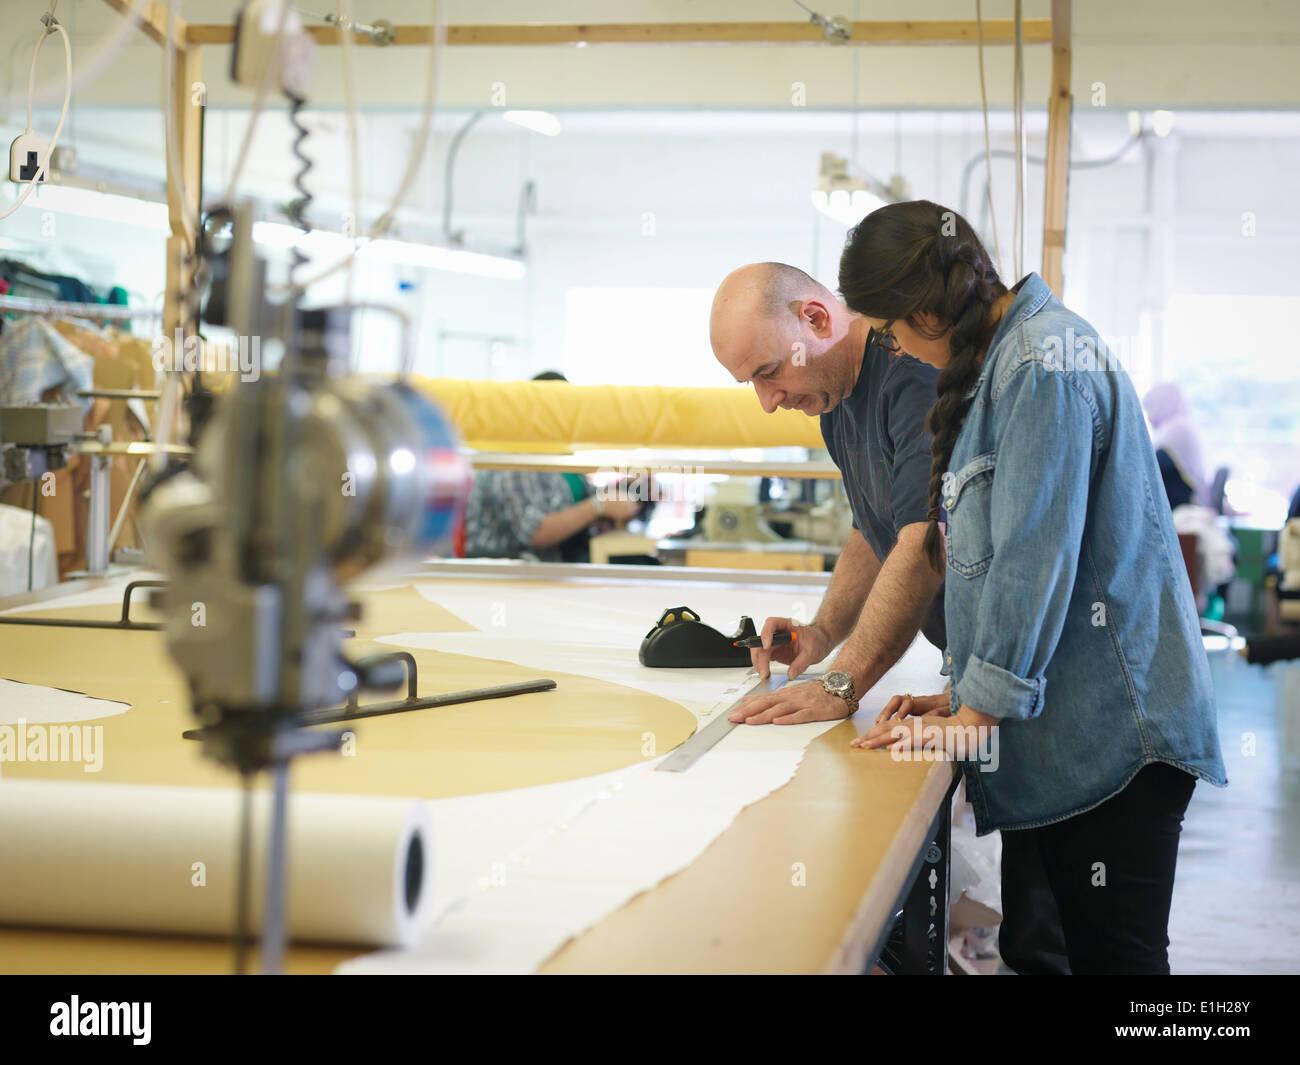 Los trabajadores de la industria de la confección capacitación en fábrica de ropa Imagen De Stock